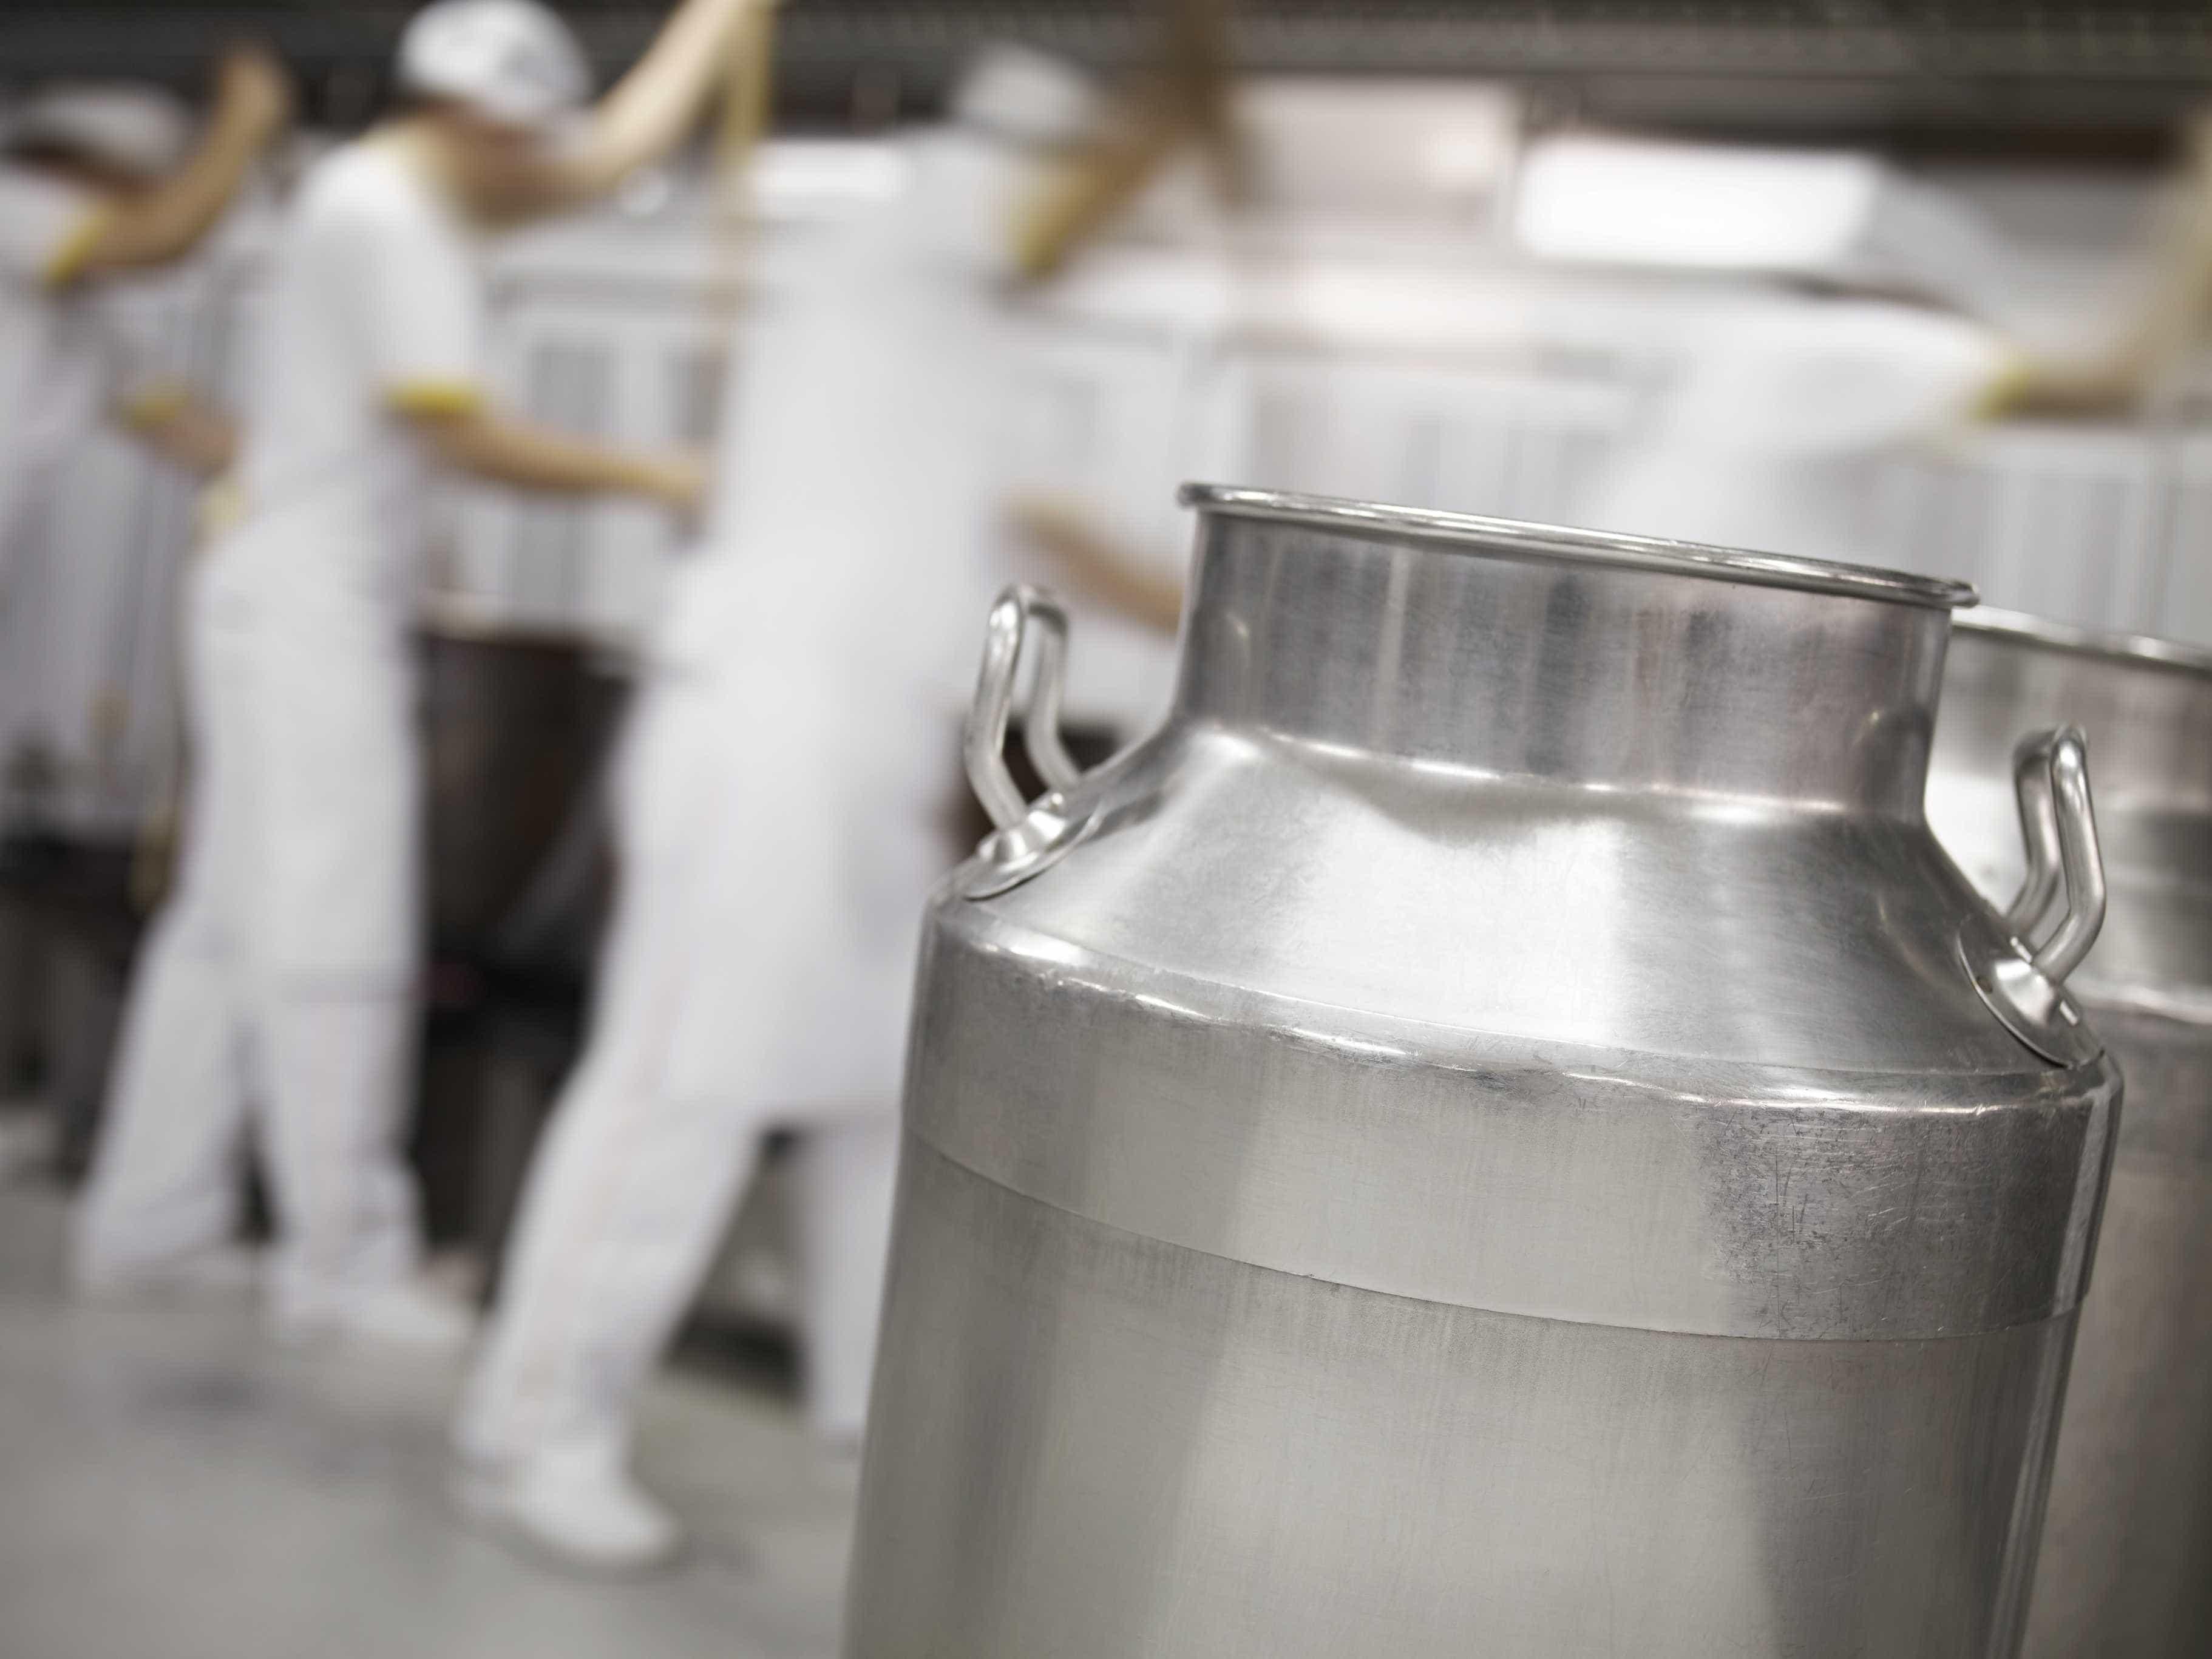 """""""Falso leite"""" conquista mercado com práticas desleais, alerta deputado"""